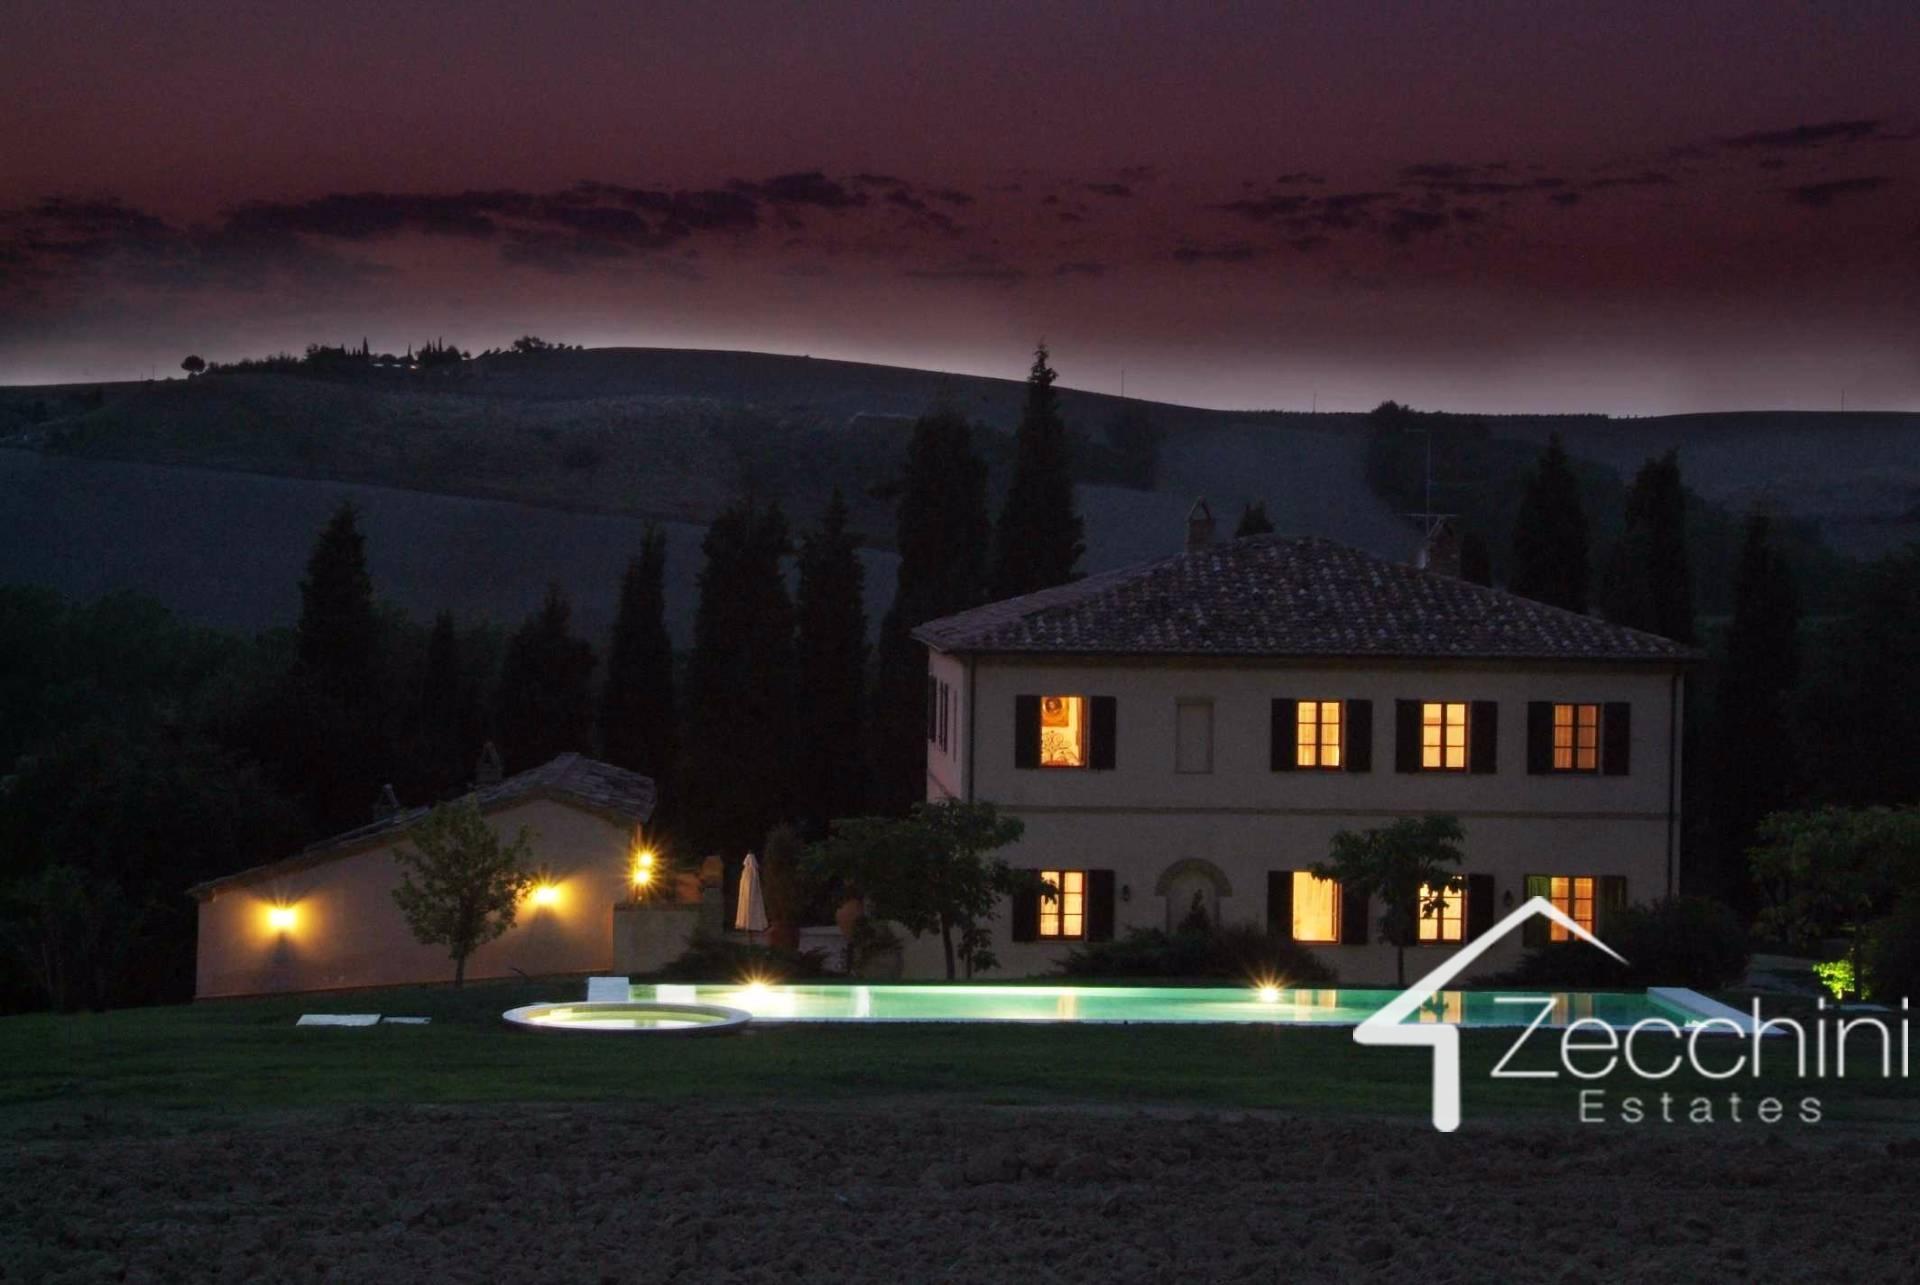 montalcino vendita quart: torrenieri zecchini estates